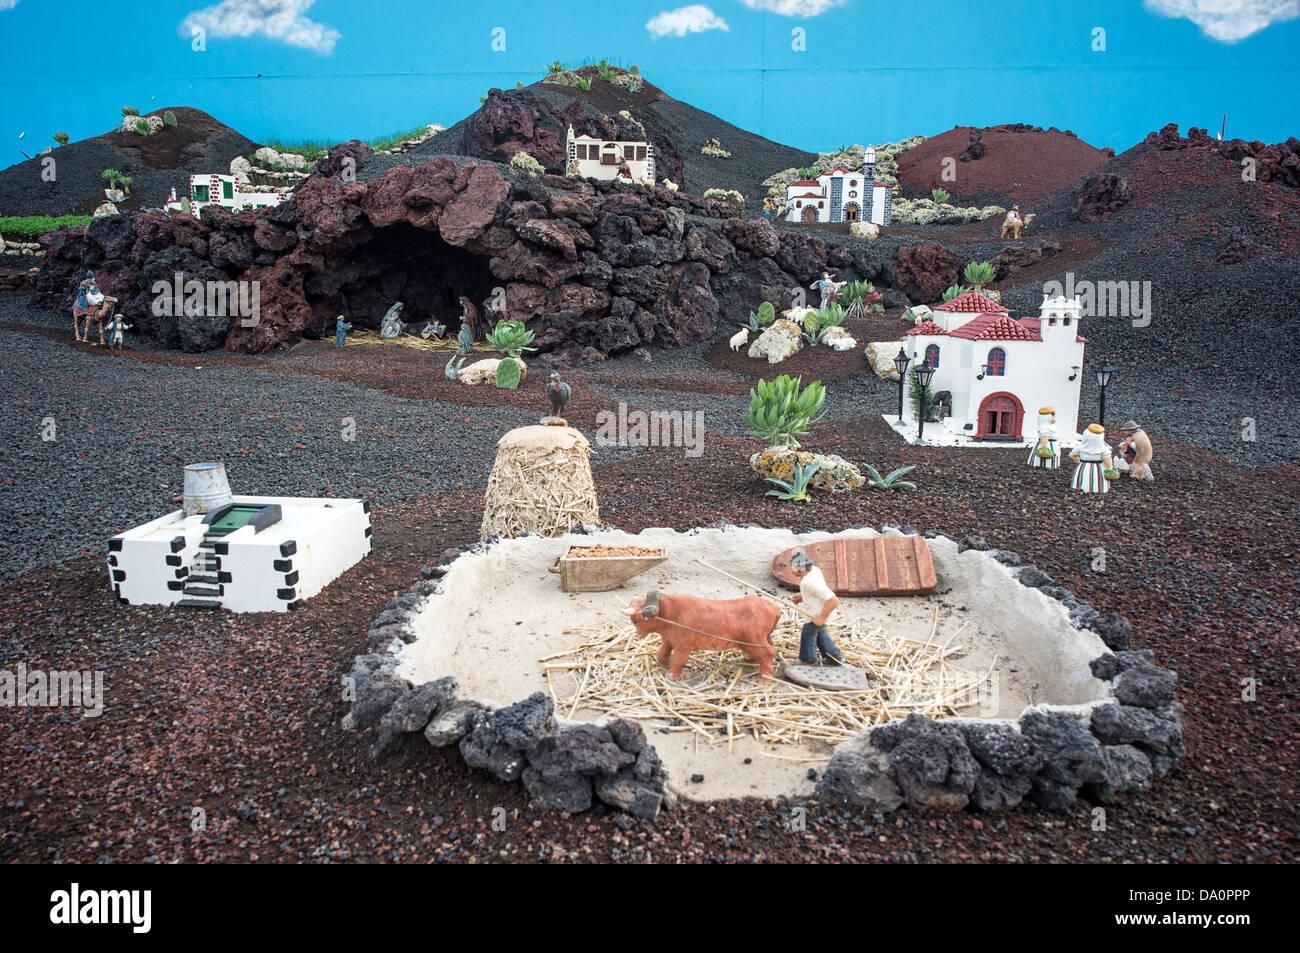 Weihnachtskrippe in Yaiza, Lanzarote, Kanarische Inseln, Spanien Stockbild